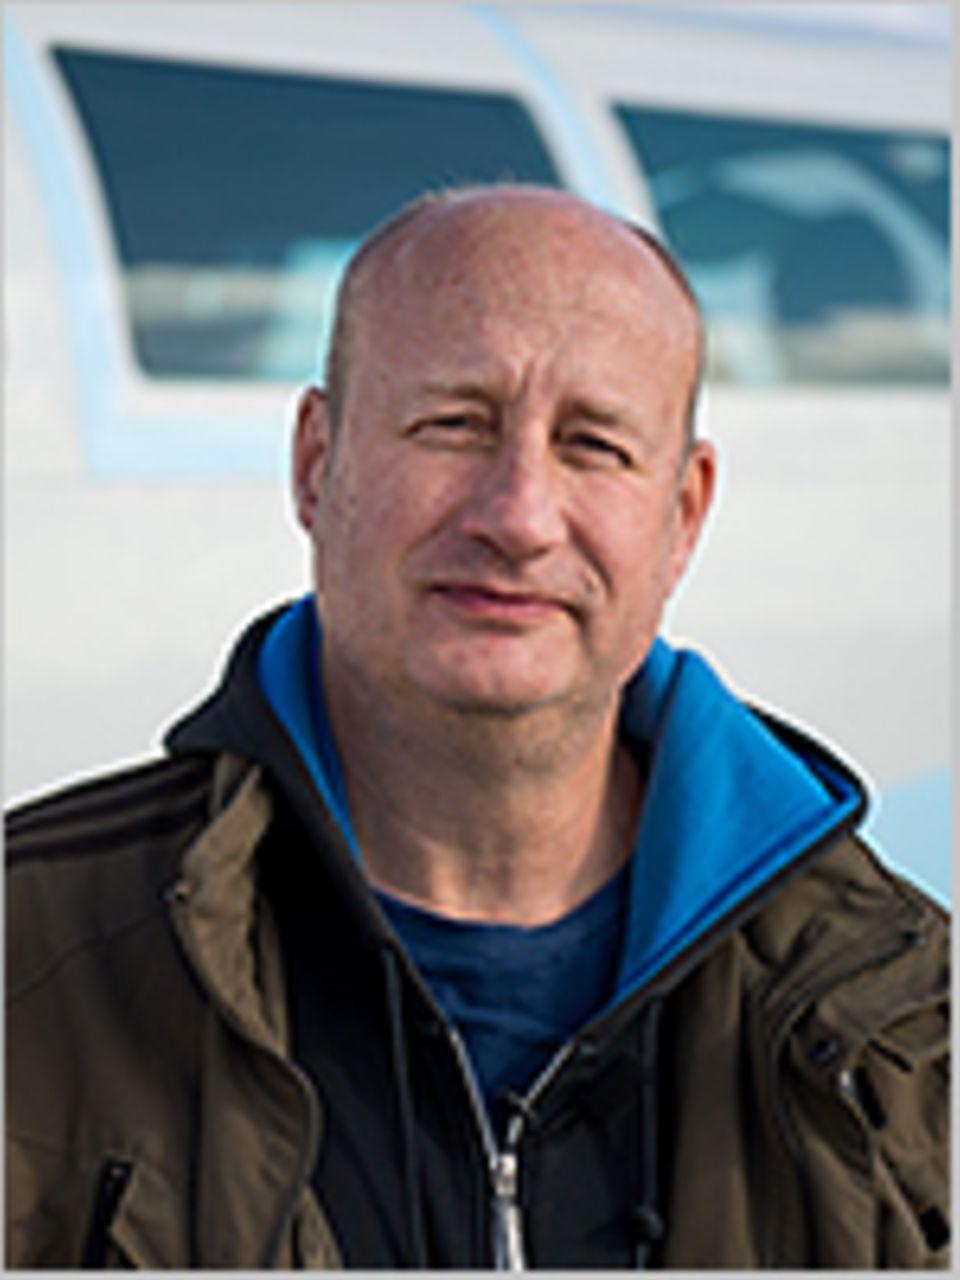 Ölindustrie in der Nordsee: Protestierte vor 20 Jahren an Bord der Brent Spar gegen deren Versenkung: Dr. Christian Bussau, Meeresbiologe und Greenpeace-Öl-Experte